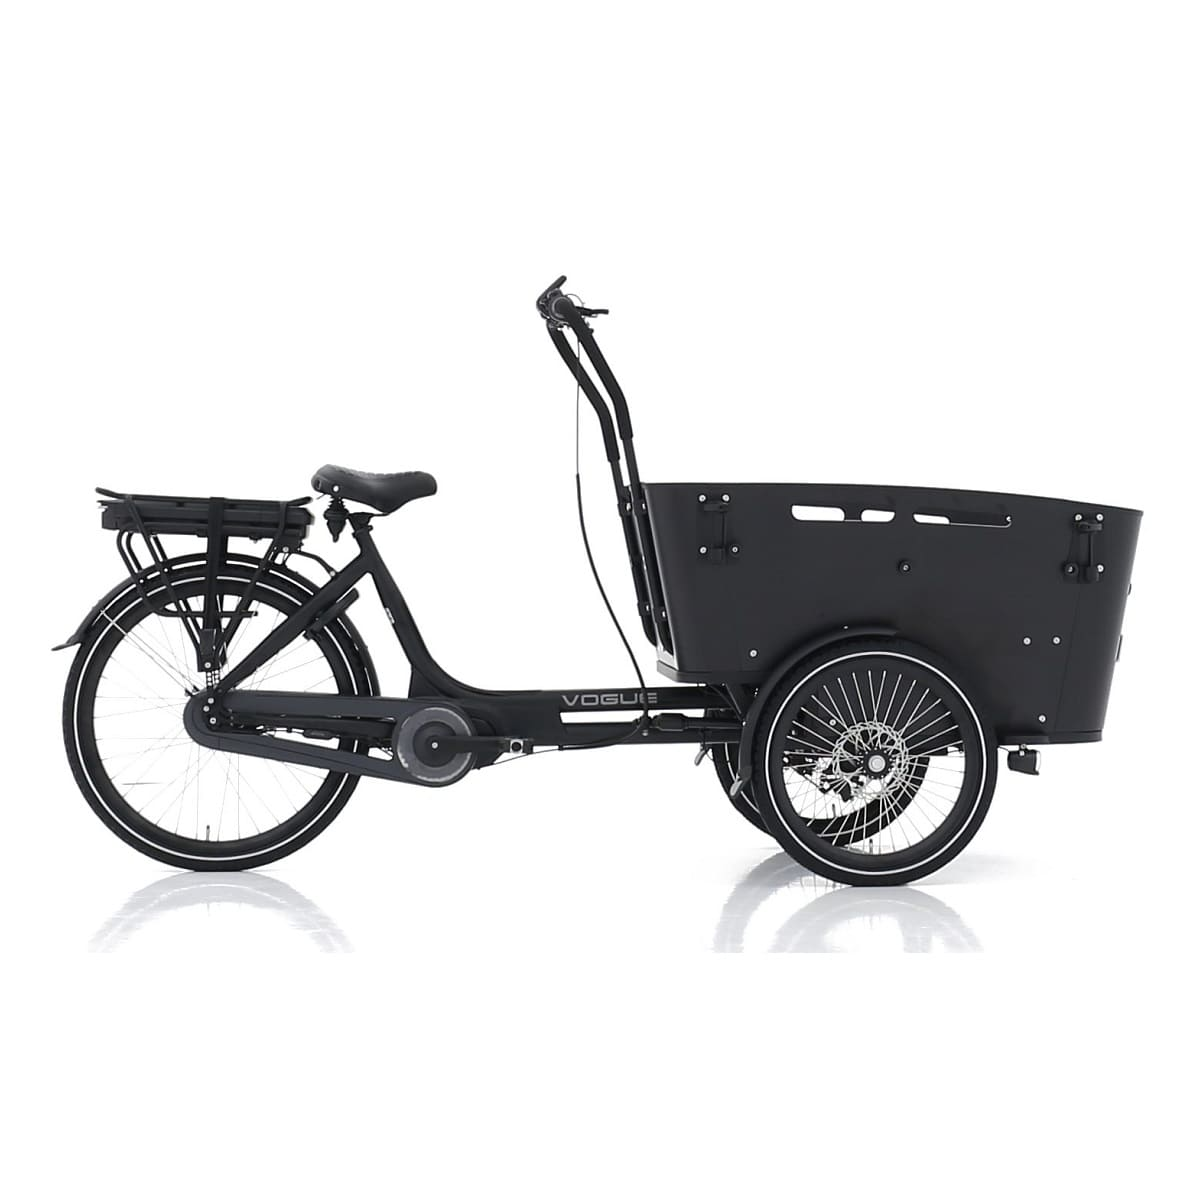 Vogue Carry 3 wheel